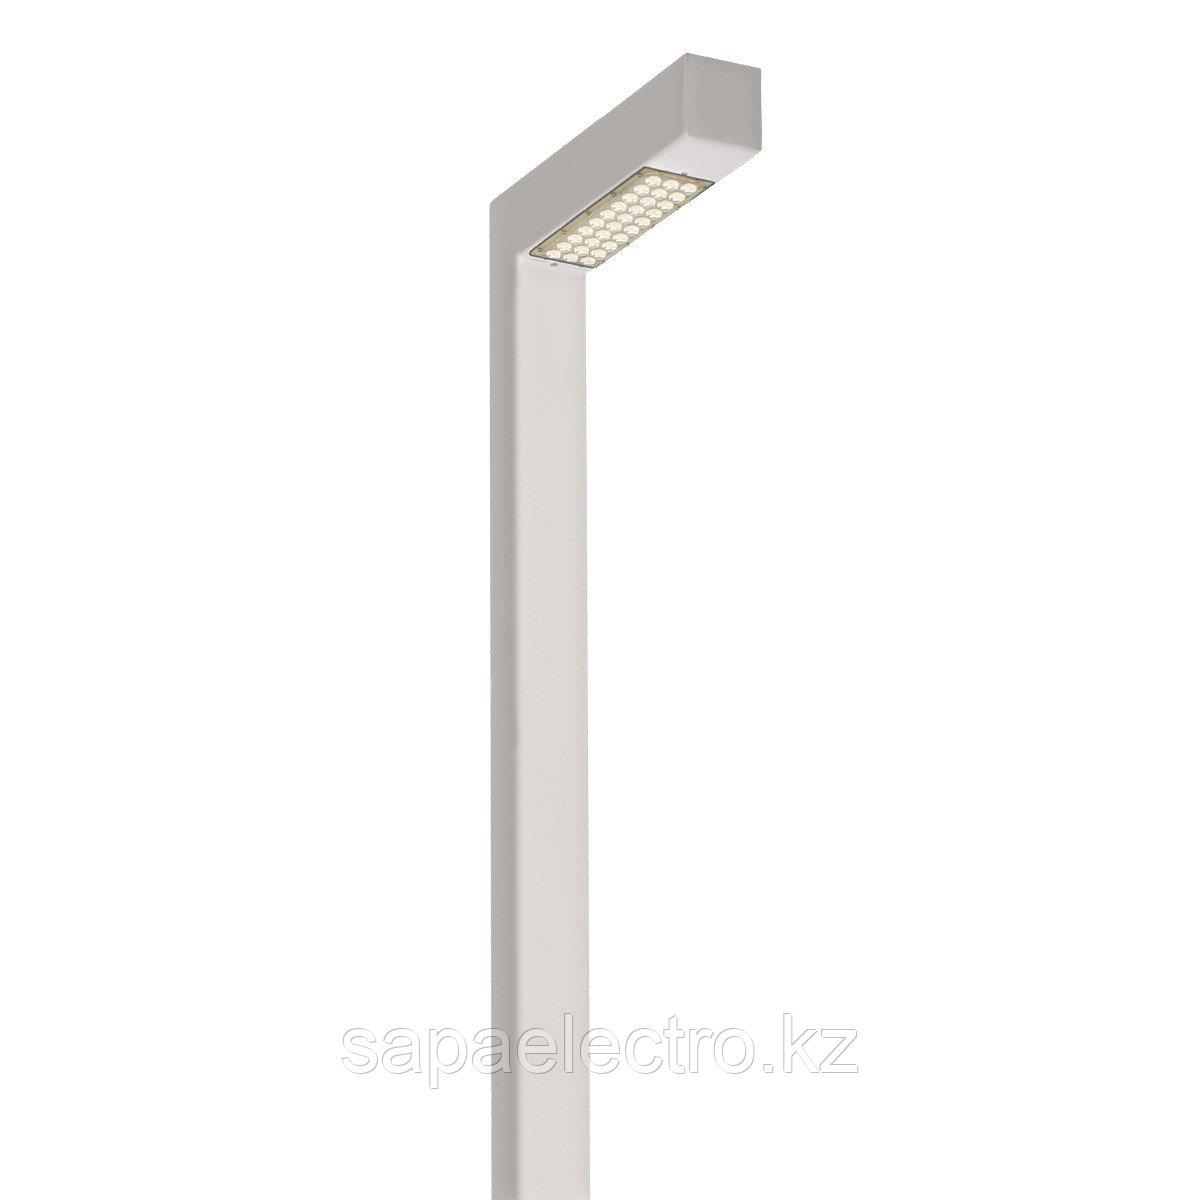 Св-к ПРОФИЛЬНЫЙ LED 30W 80х80 LIGHT GREY H-1,5м MEG